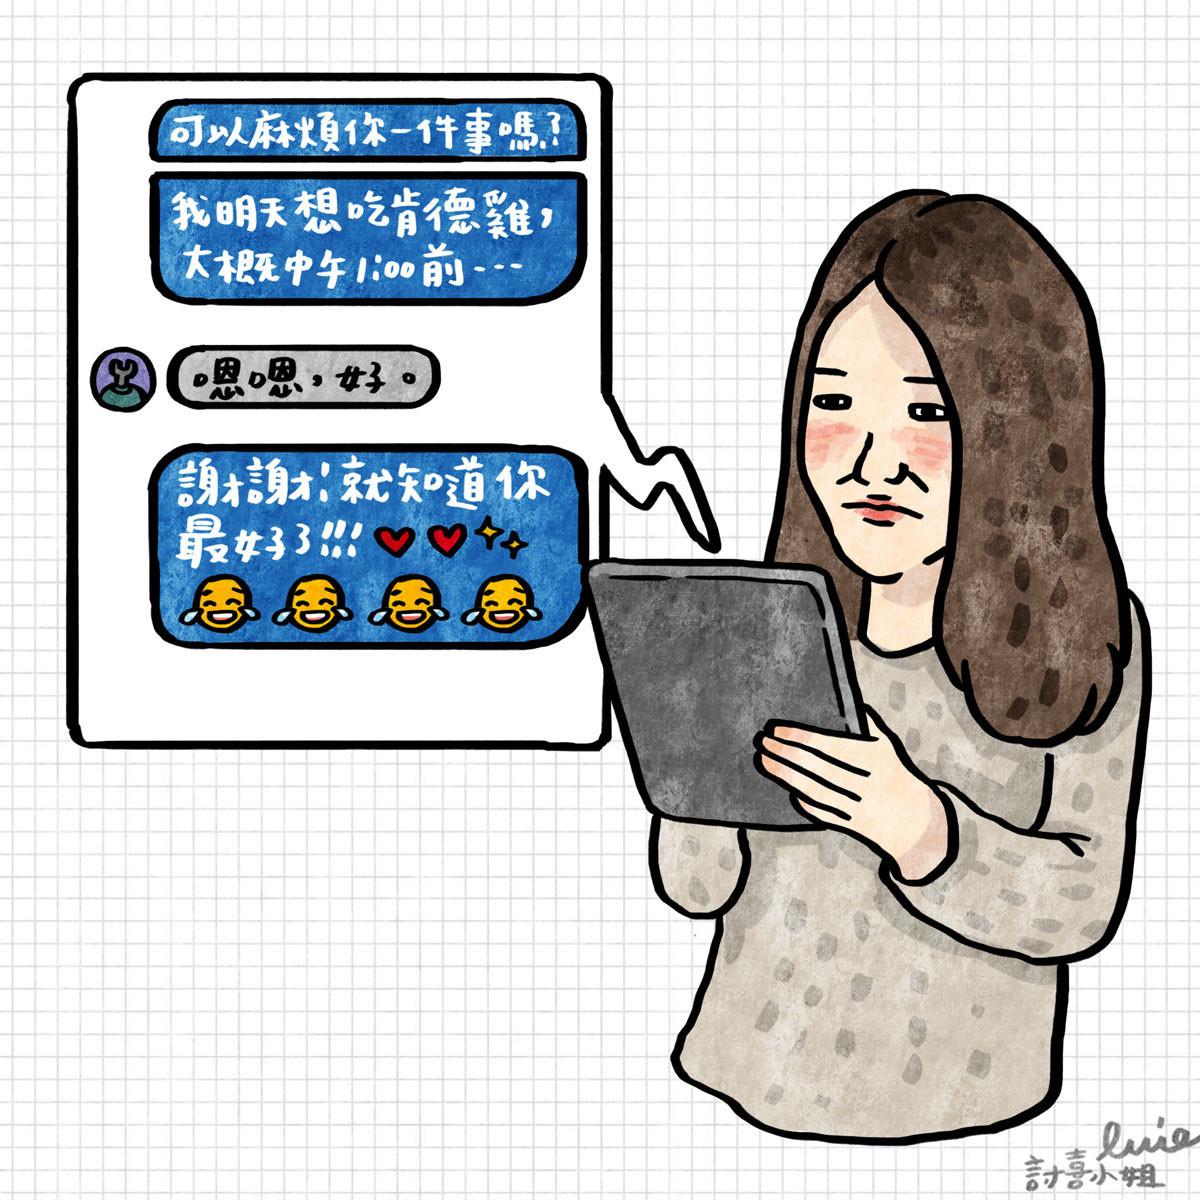 """是今日新聞淺談:2015 年最具代表性的 emoji 就是 """"喜極而泣""""這篇文章的首圖"""